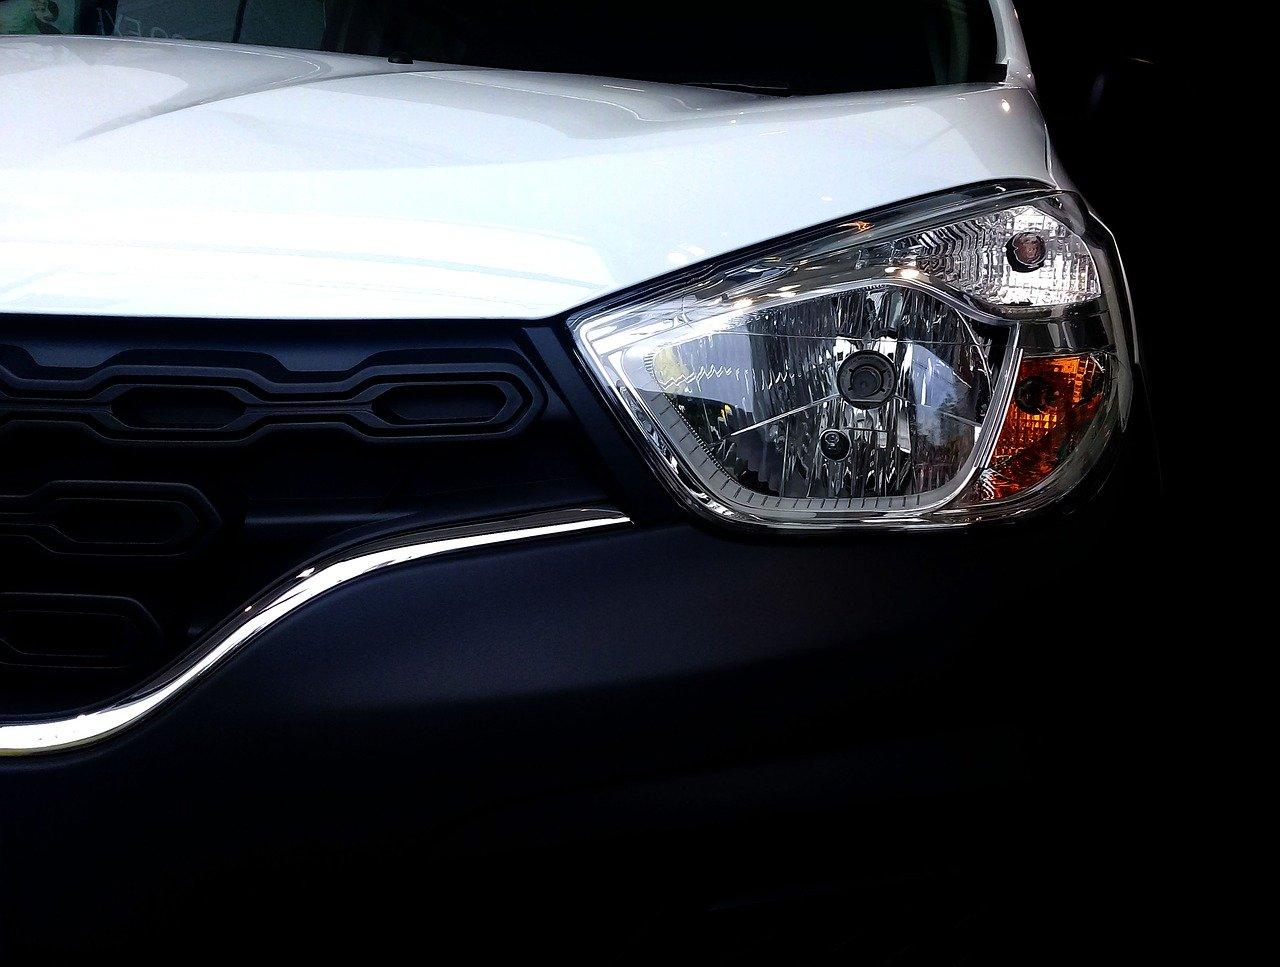 Renault va supprimer 2.100 postes dans la production, 1.500 dans l'ingénierie